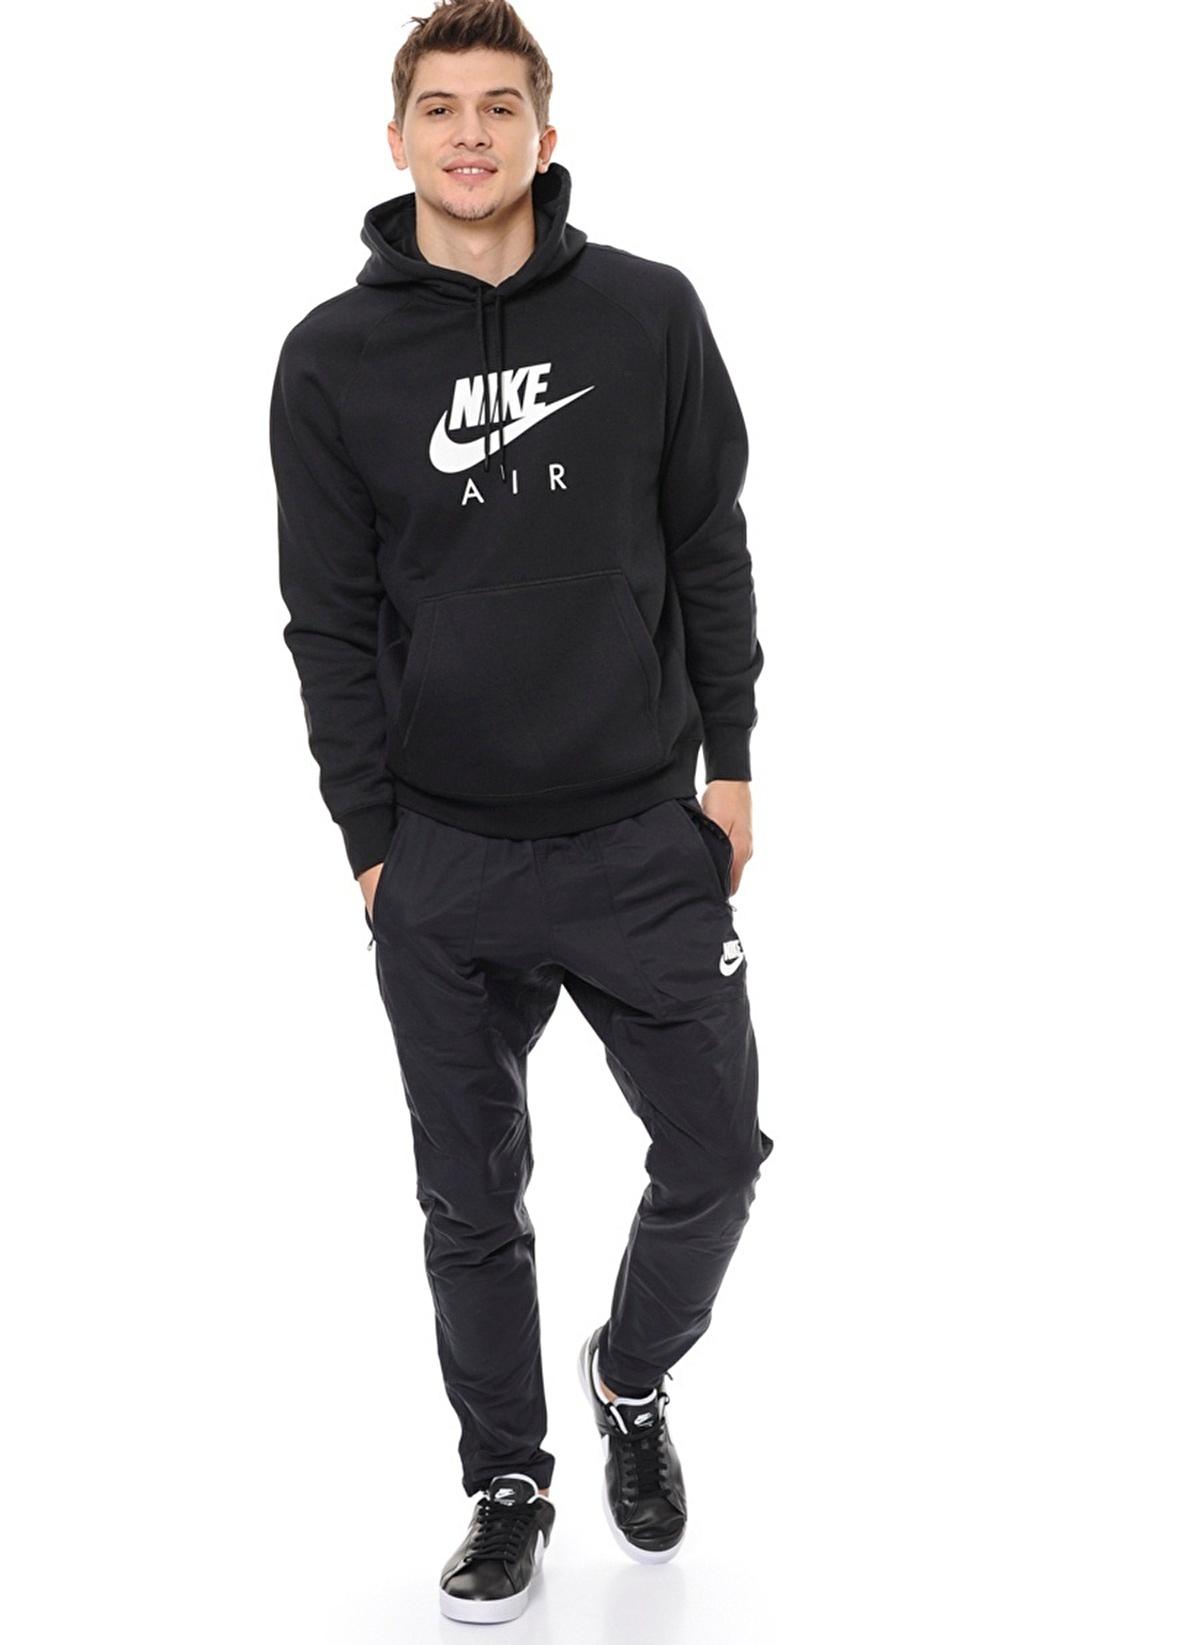 Nike Nike Nike Erkek Sweatshirt Sweatshirt Erkek BlackWhiteMorhipo17507316 Sweatshirt Erkek Nike BlackWhiteMorhipo17507316 BlackWhiteMorhipo17507316 Sweatshirt Erkek N8vmn0w